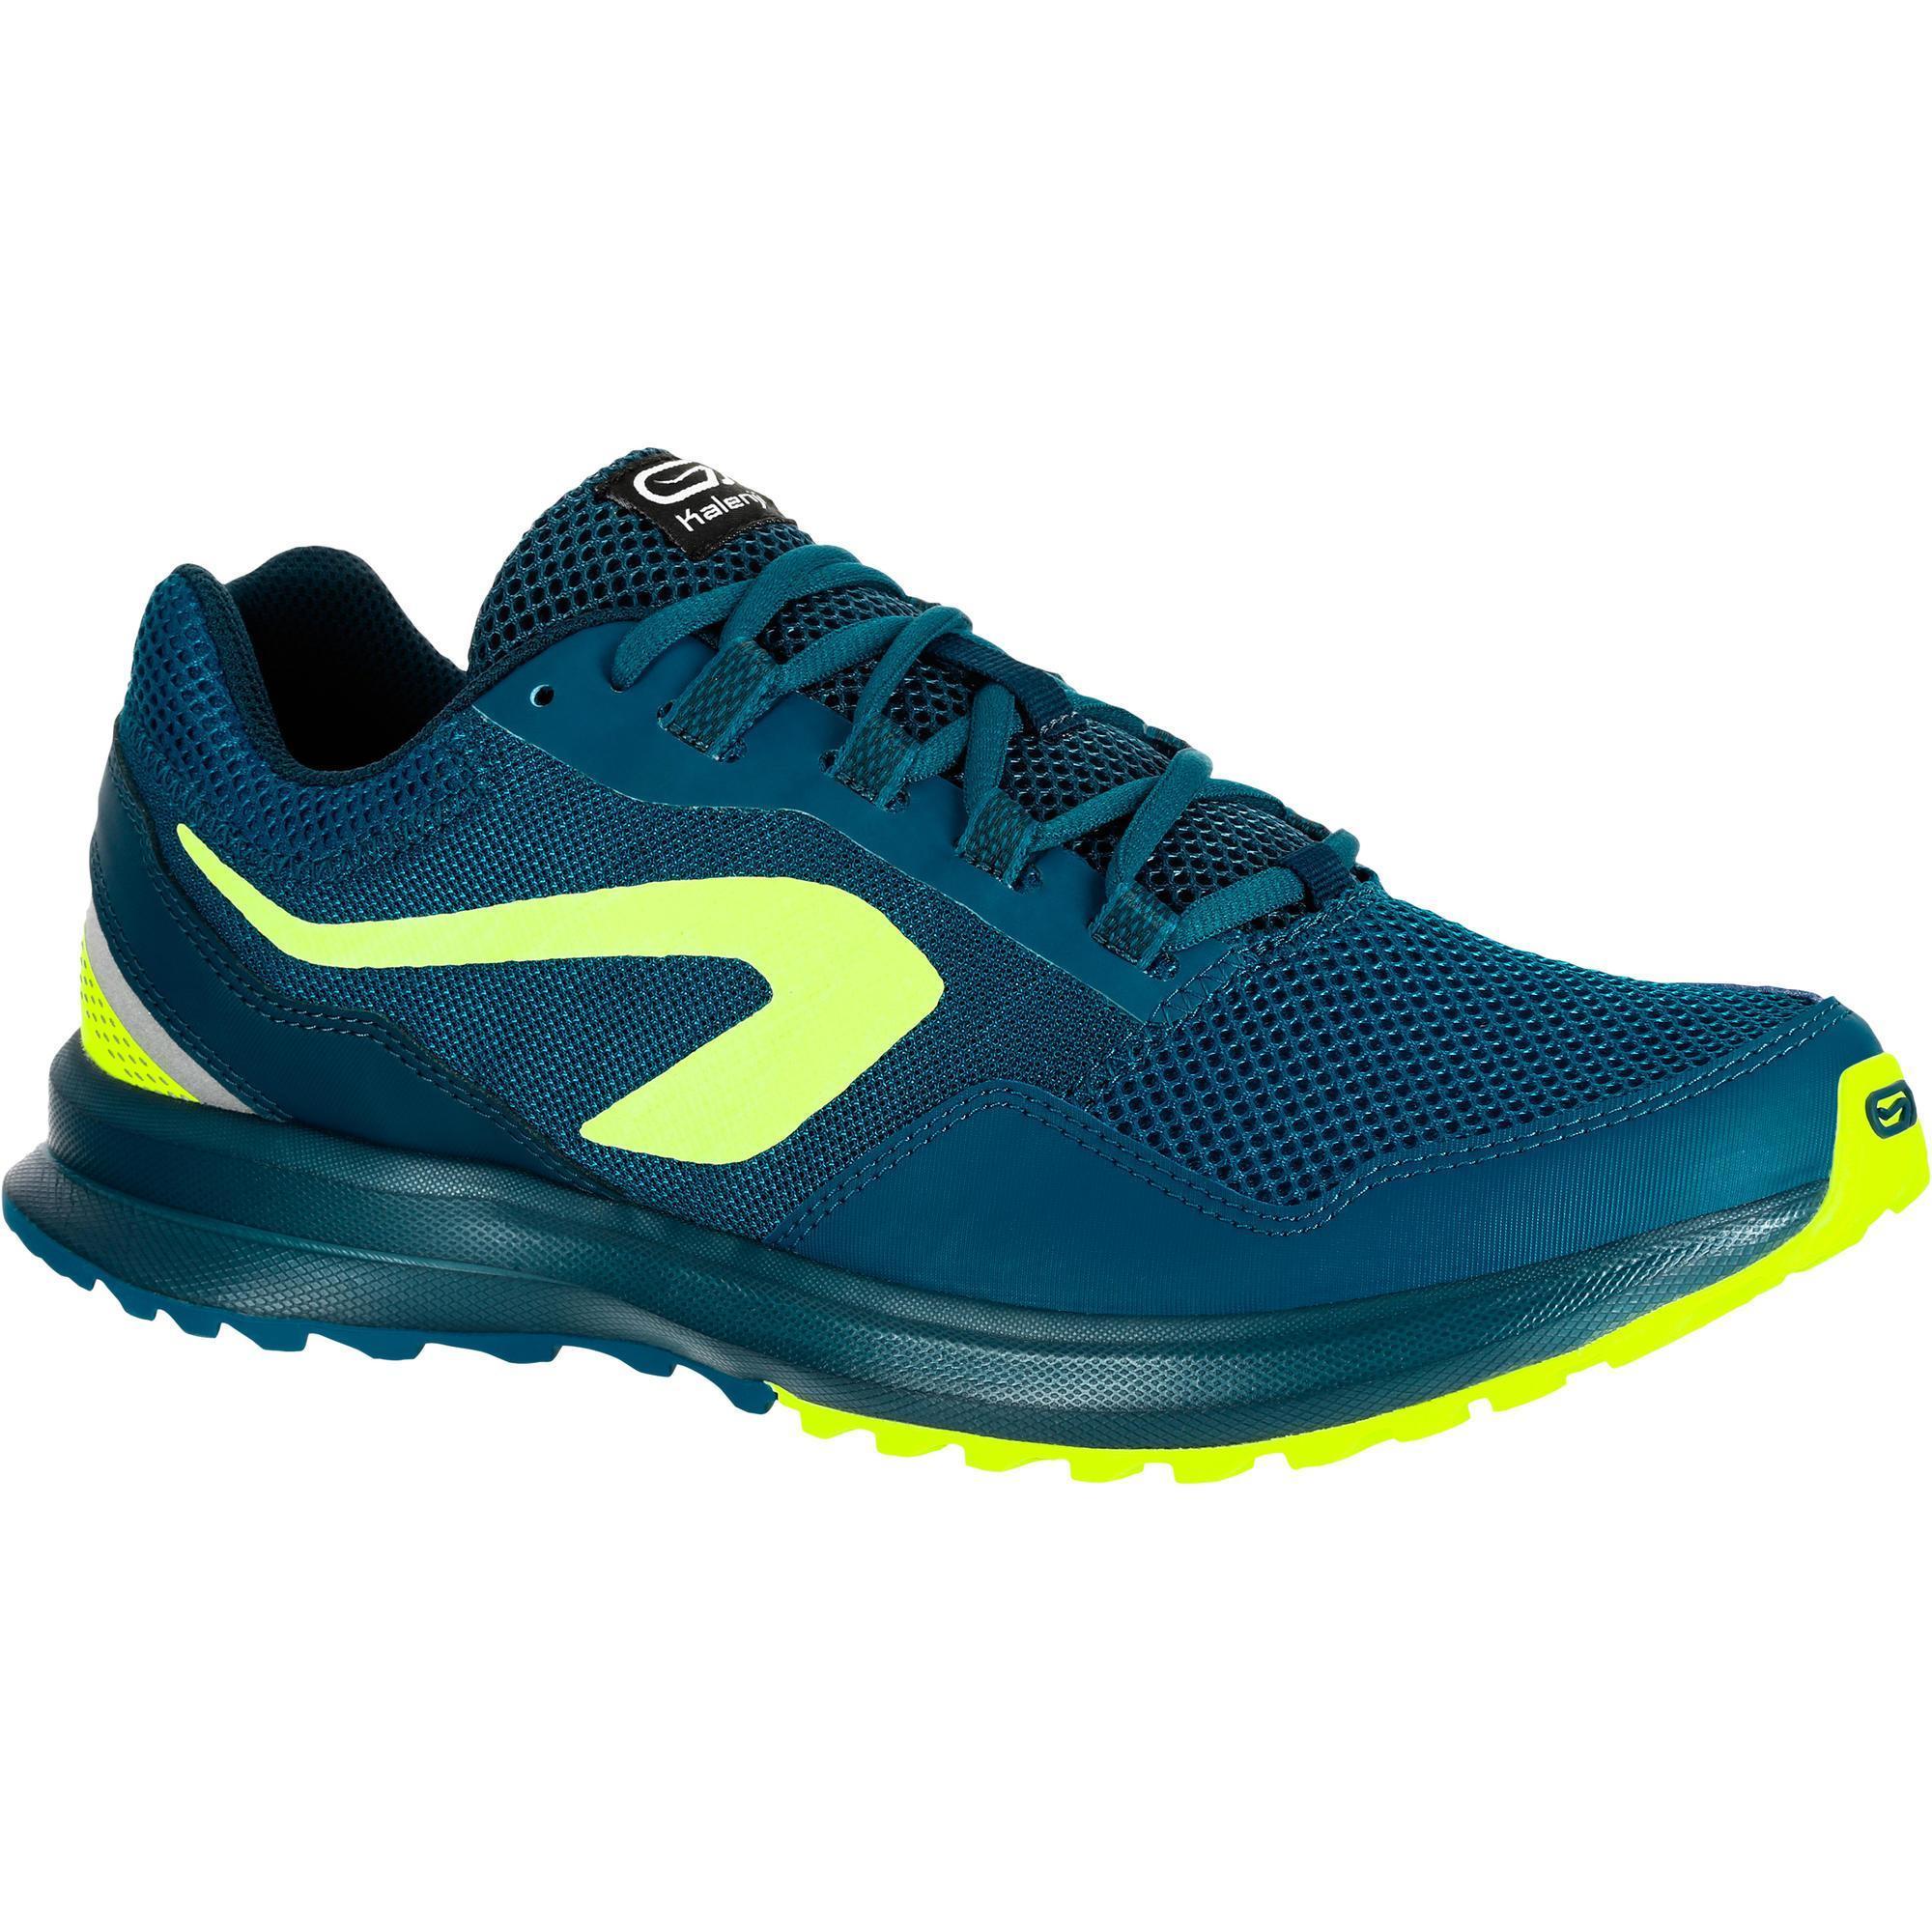 Kalenji Hardloopschoenen voor heren Run Active blauw